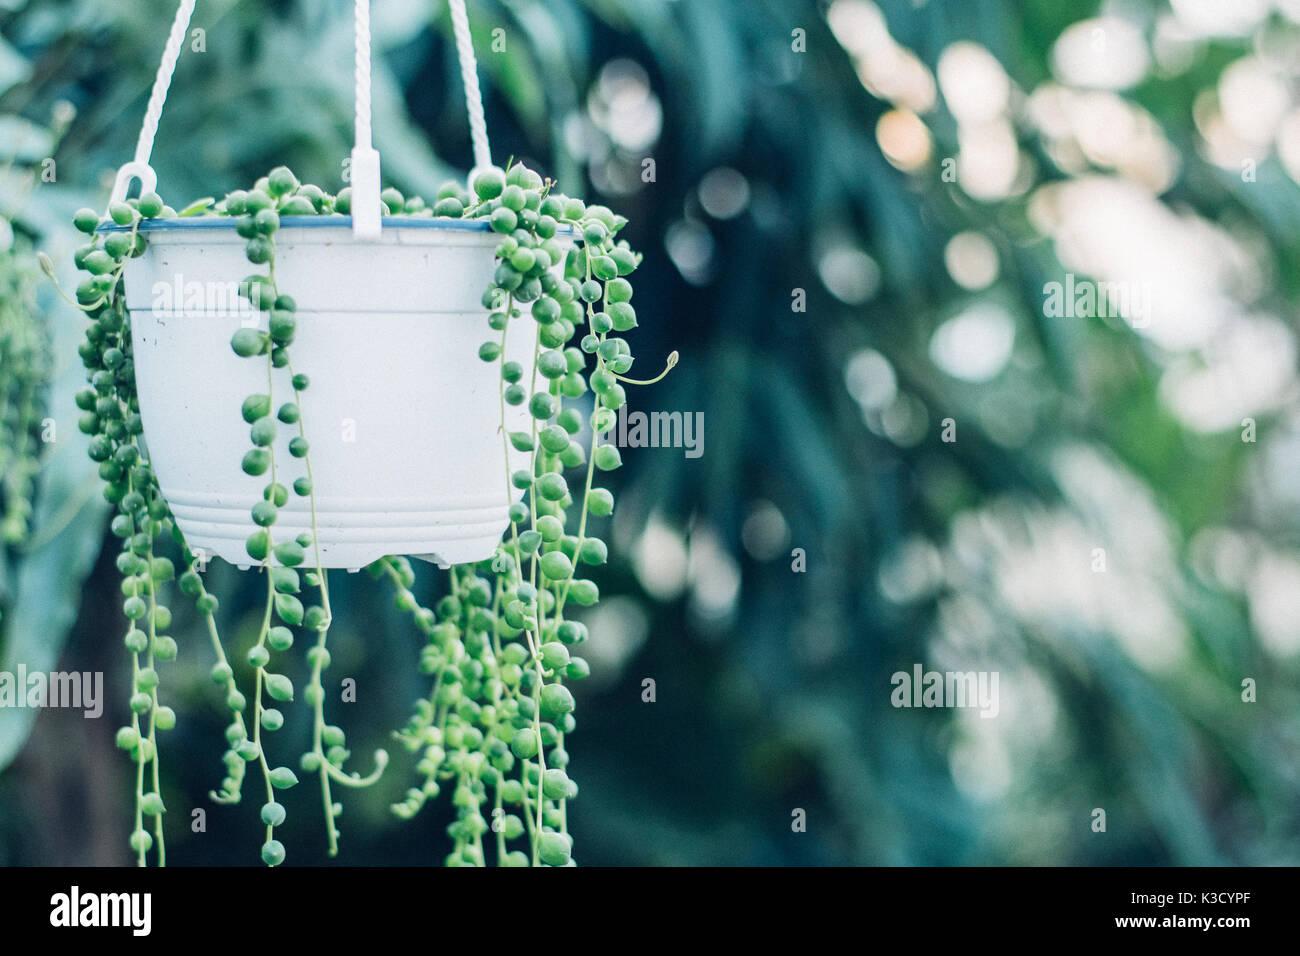 String of pearls plante succulente accroché dans une serre, symbolisant le calme et la sérénité Photo Stock